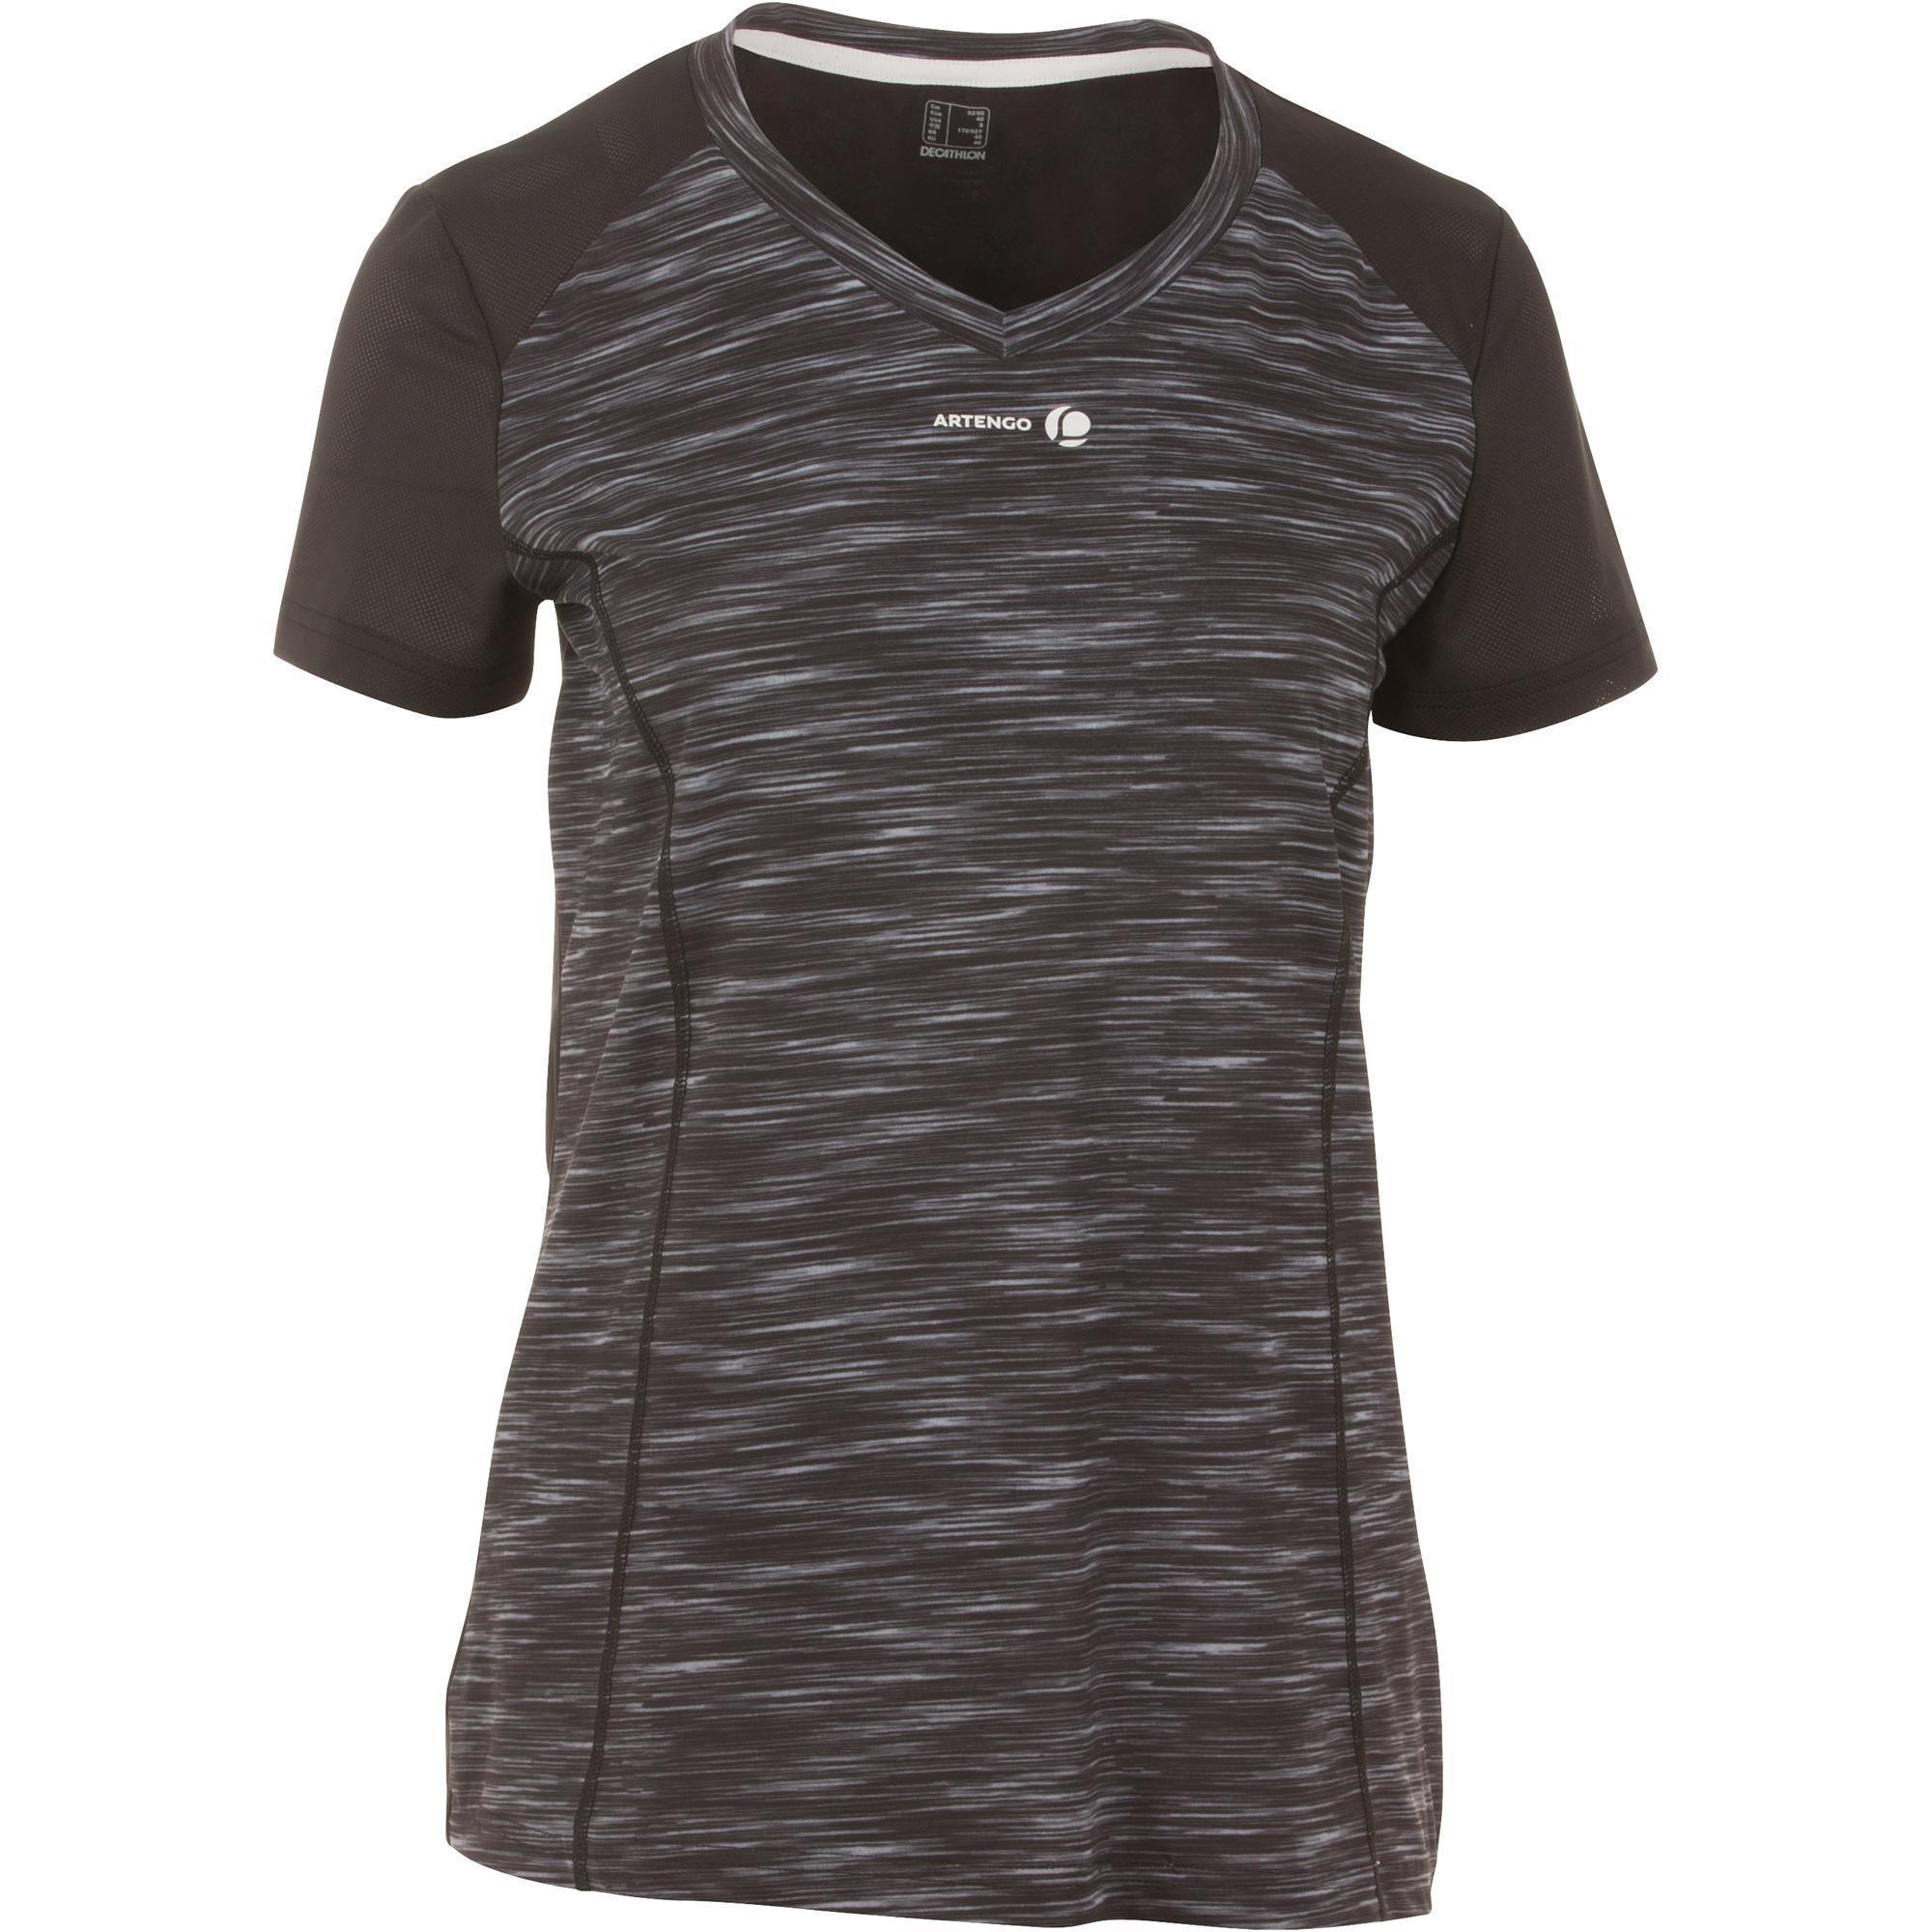 Artengo Tennis T-shirt voor dames Soft 500